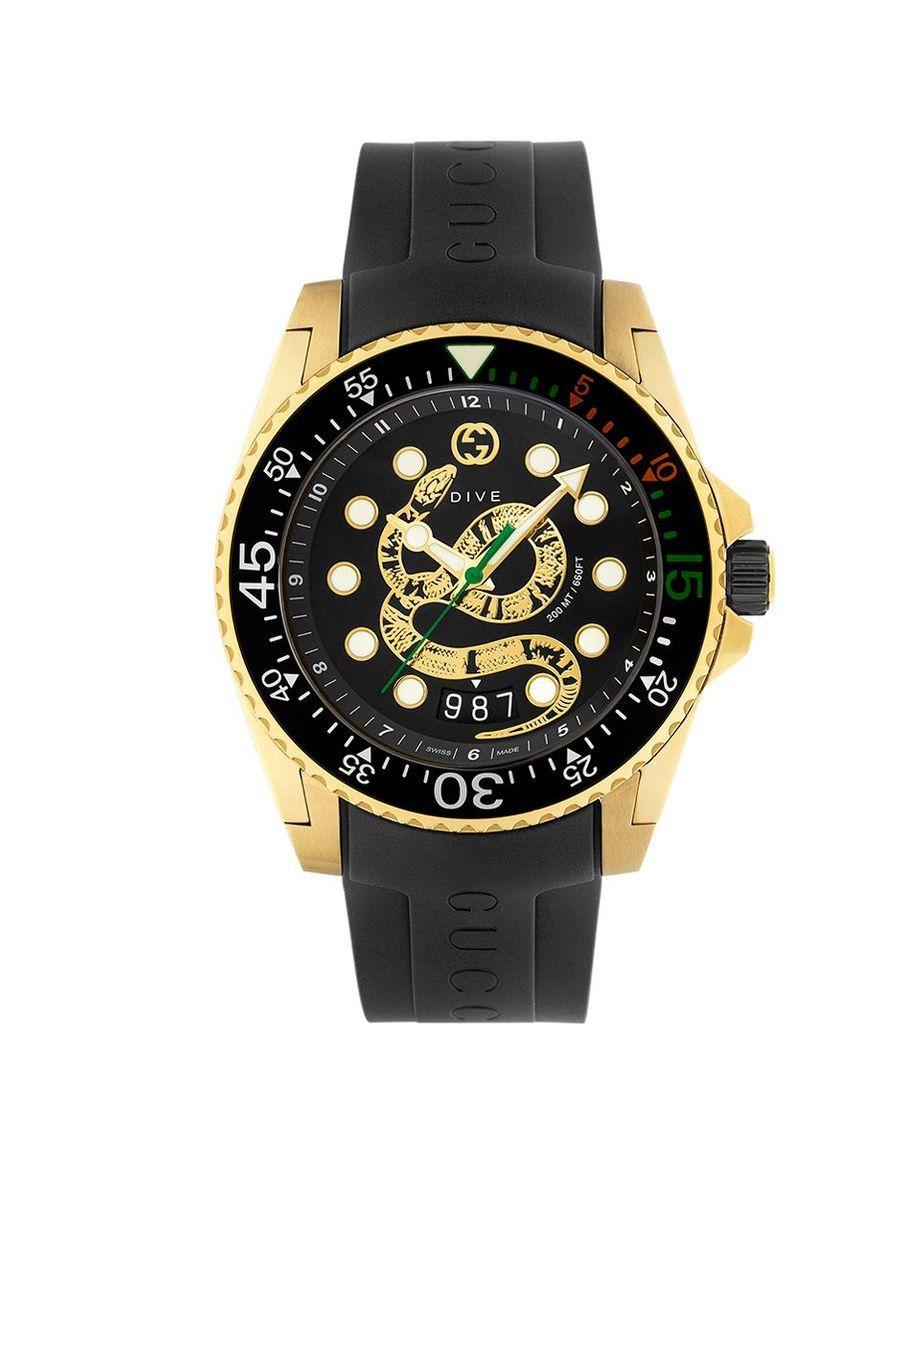 Dive en acier PVD or jaune, 45 mm de diamètre, cadran noir représentant un serpent, mouvement à quartz avec date traînante, bracelet en caoutchouc. 1 350 €. Gucci.